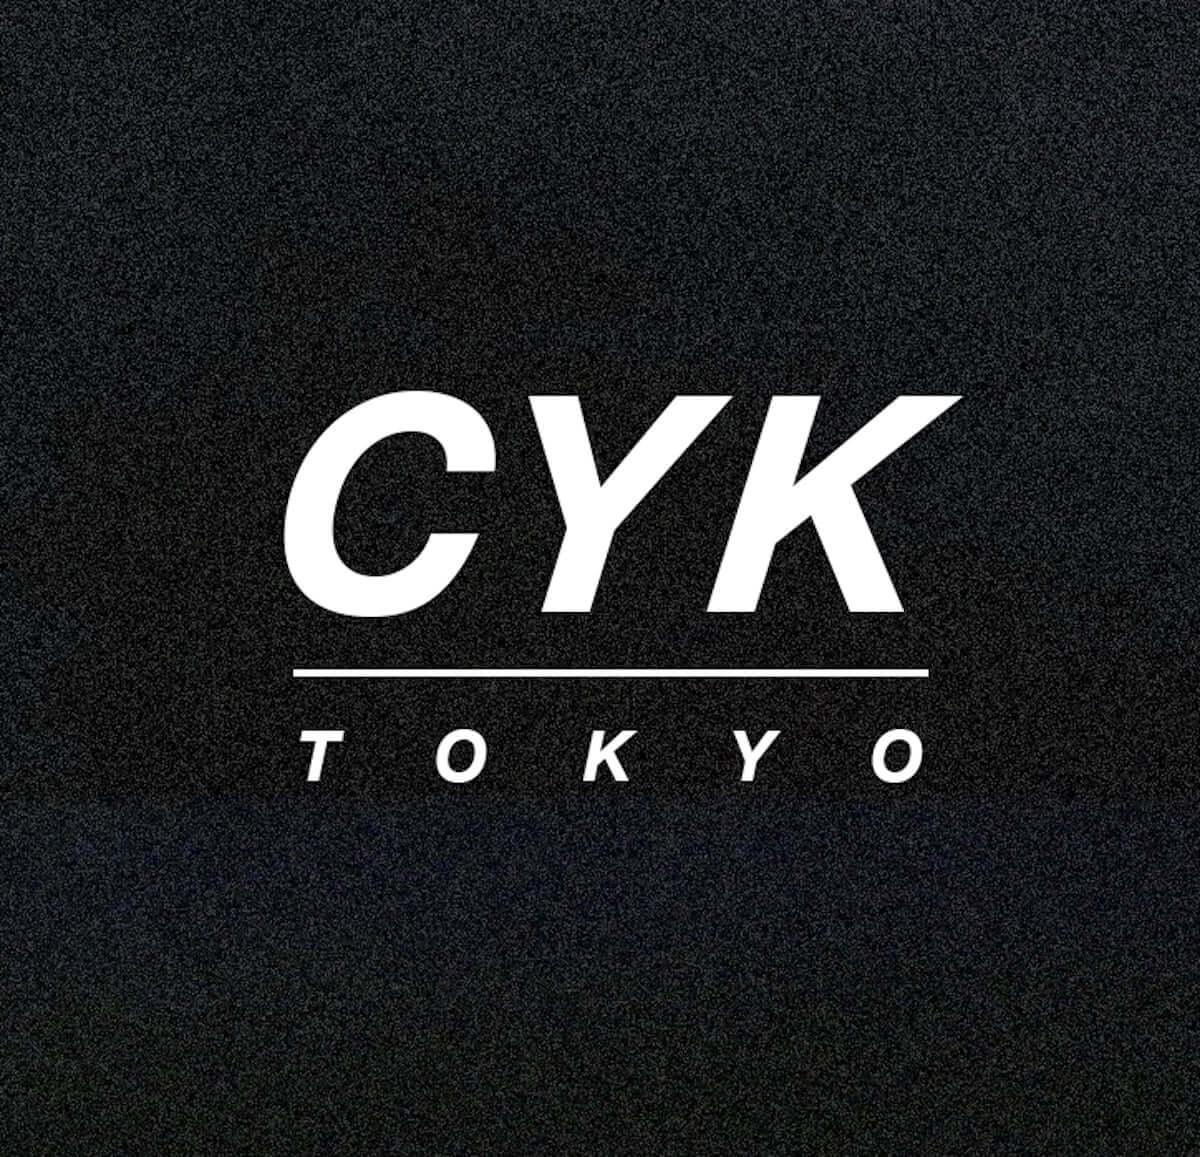 CYKが2月から5月まで毎月一夜、原宿bonoboにてパーティーを開催 music190213-cyk-3-1200x1157